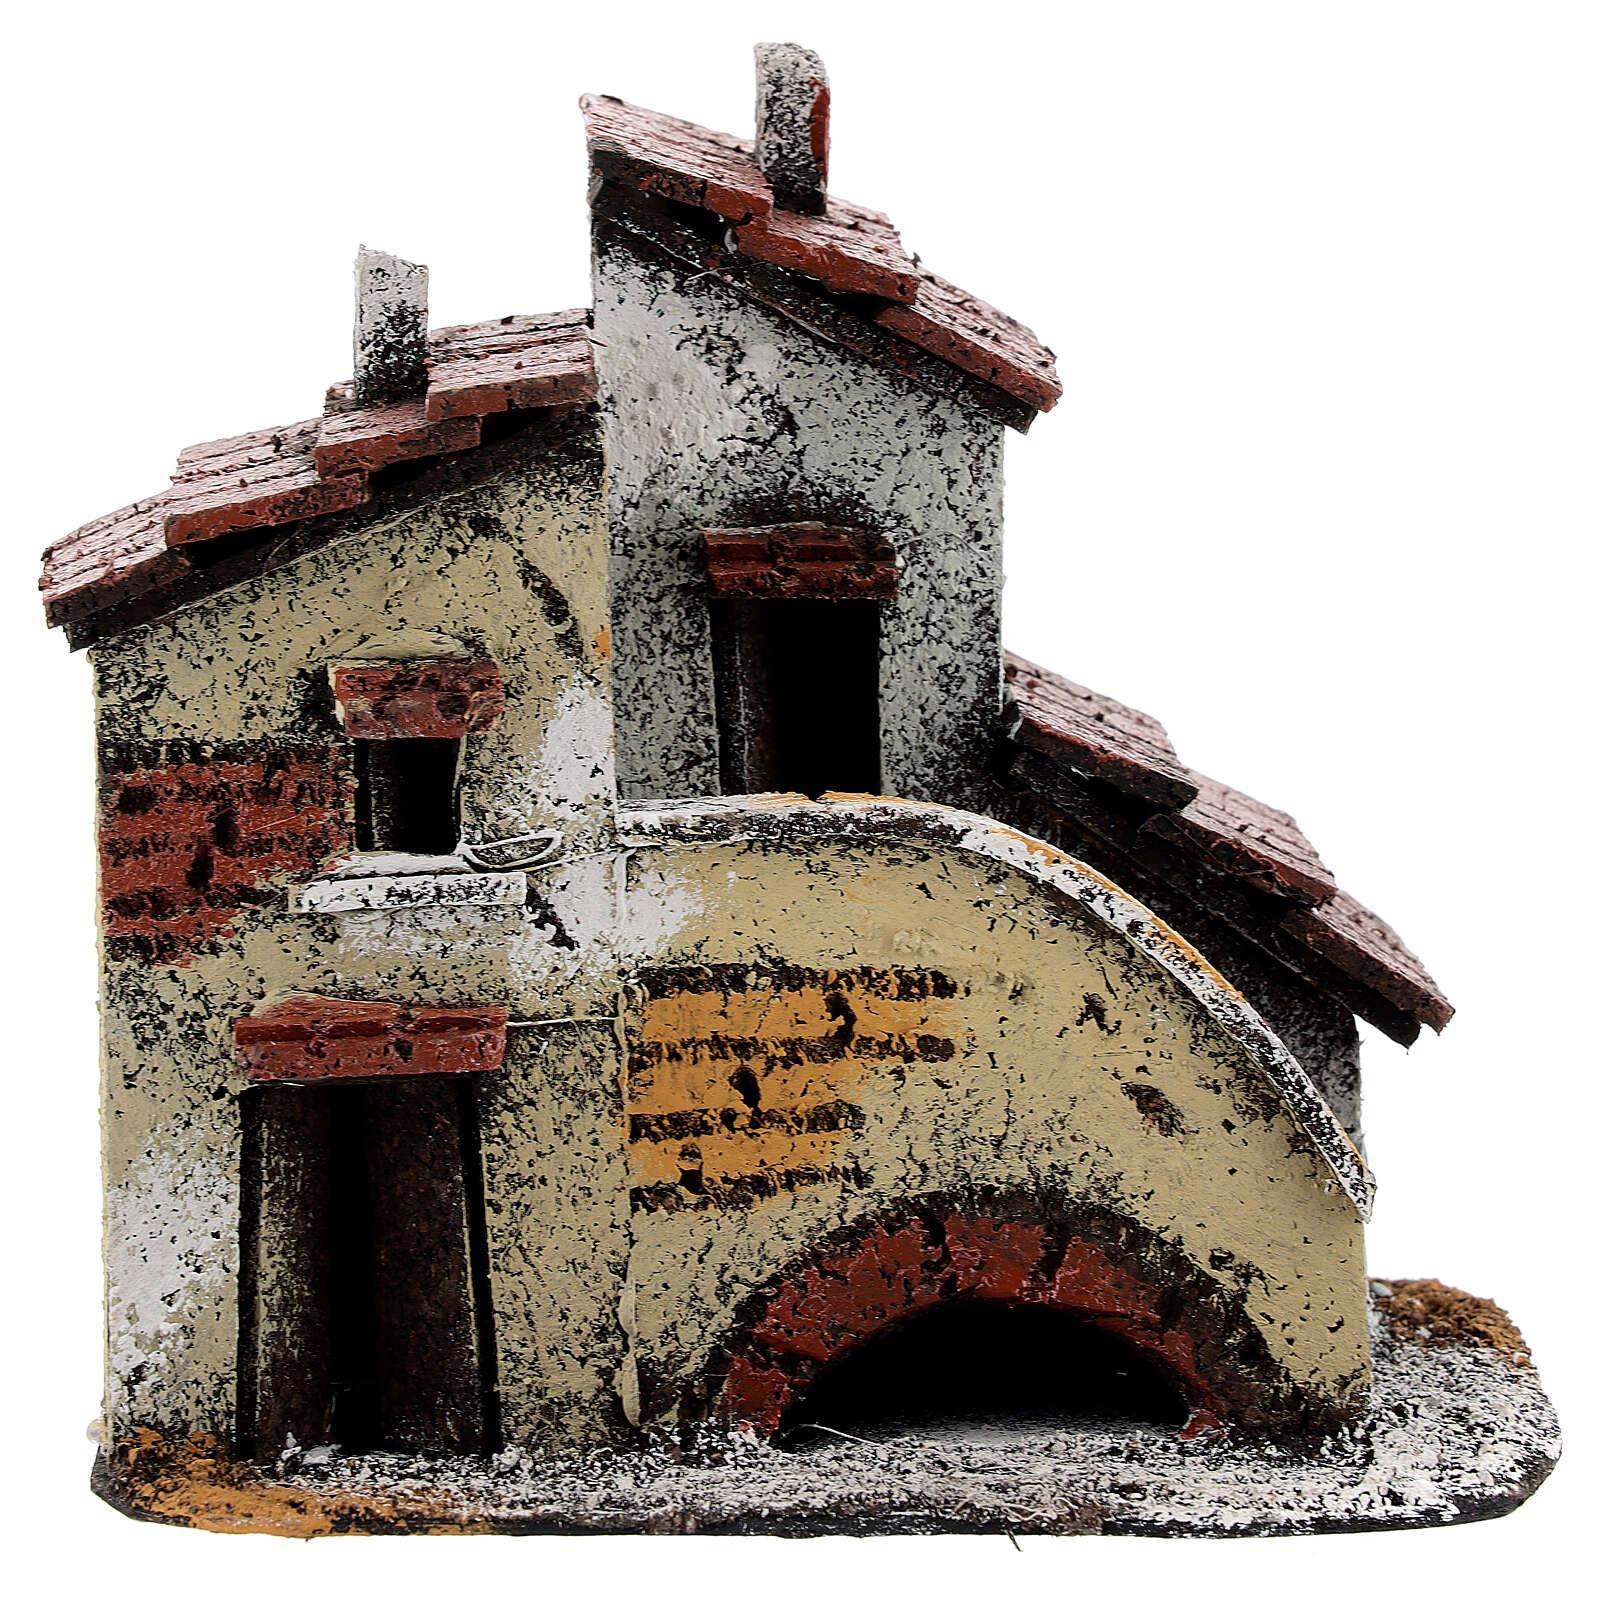 Maison miniature crèche napolitaine escalier 15x15x10 cm pour santons 3 cm 4